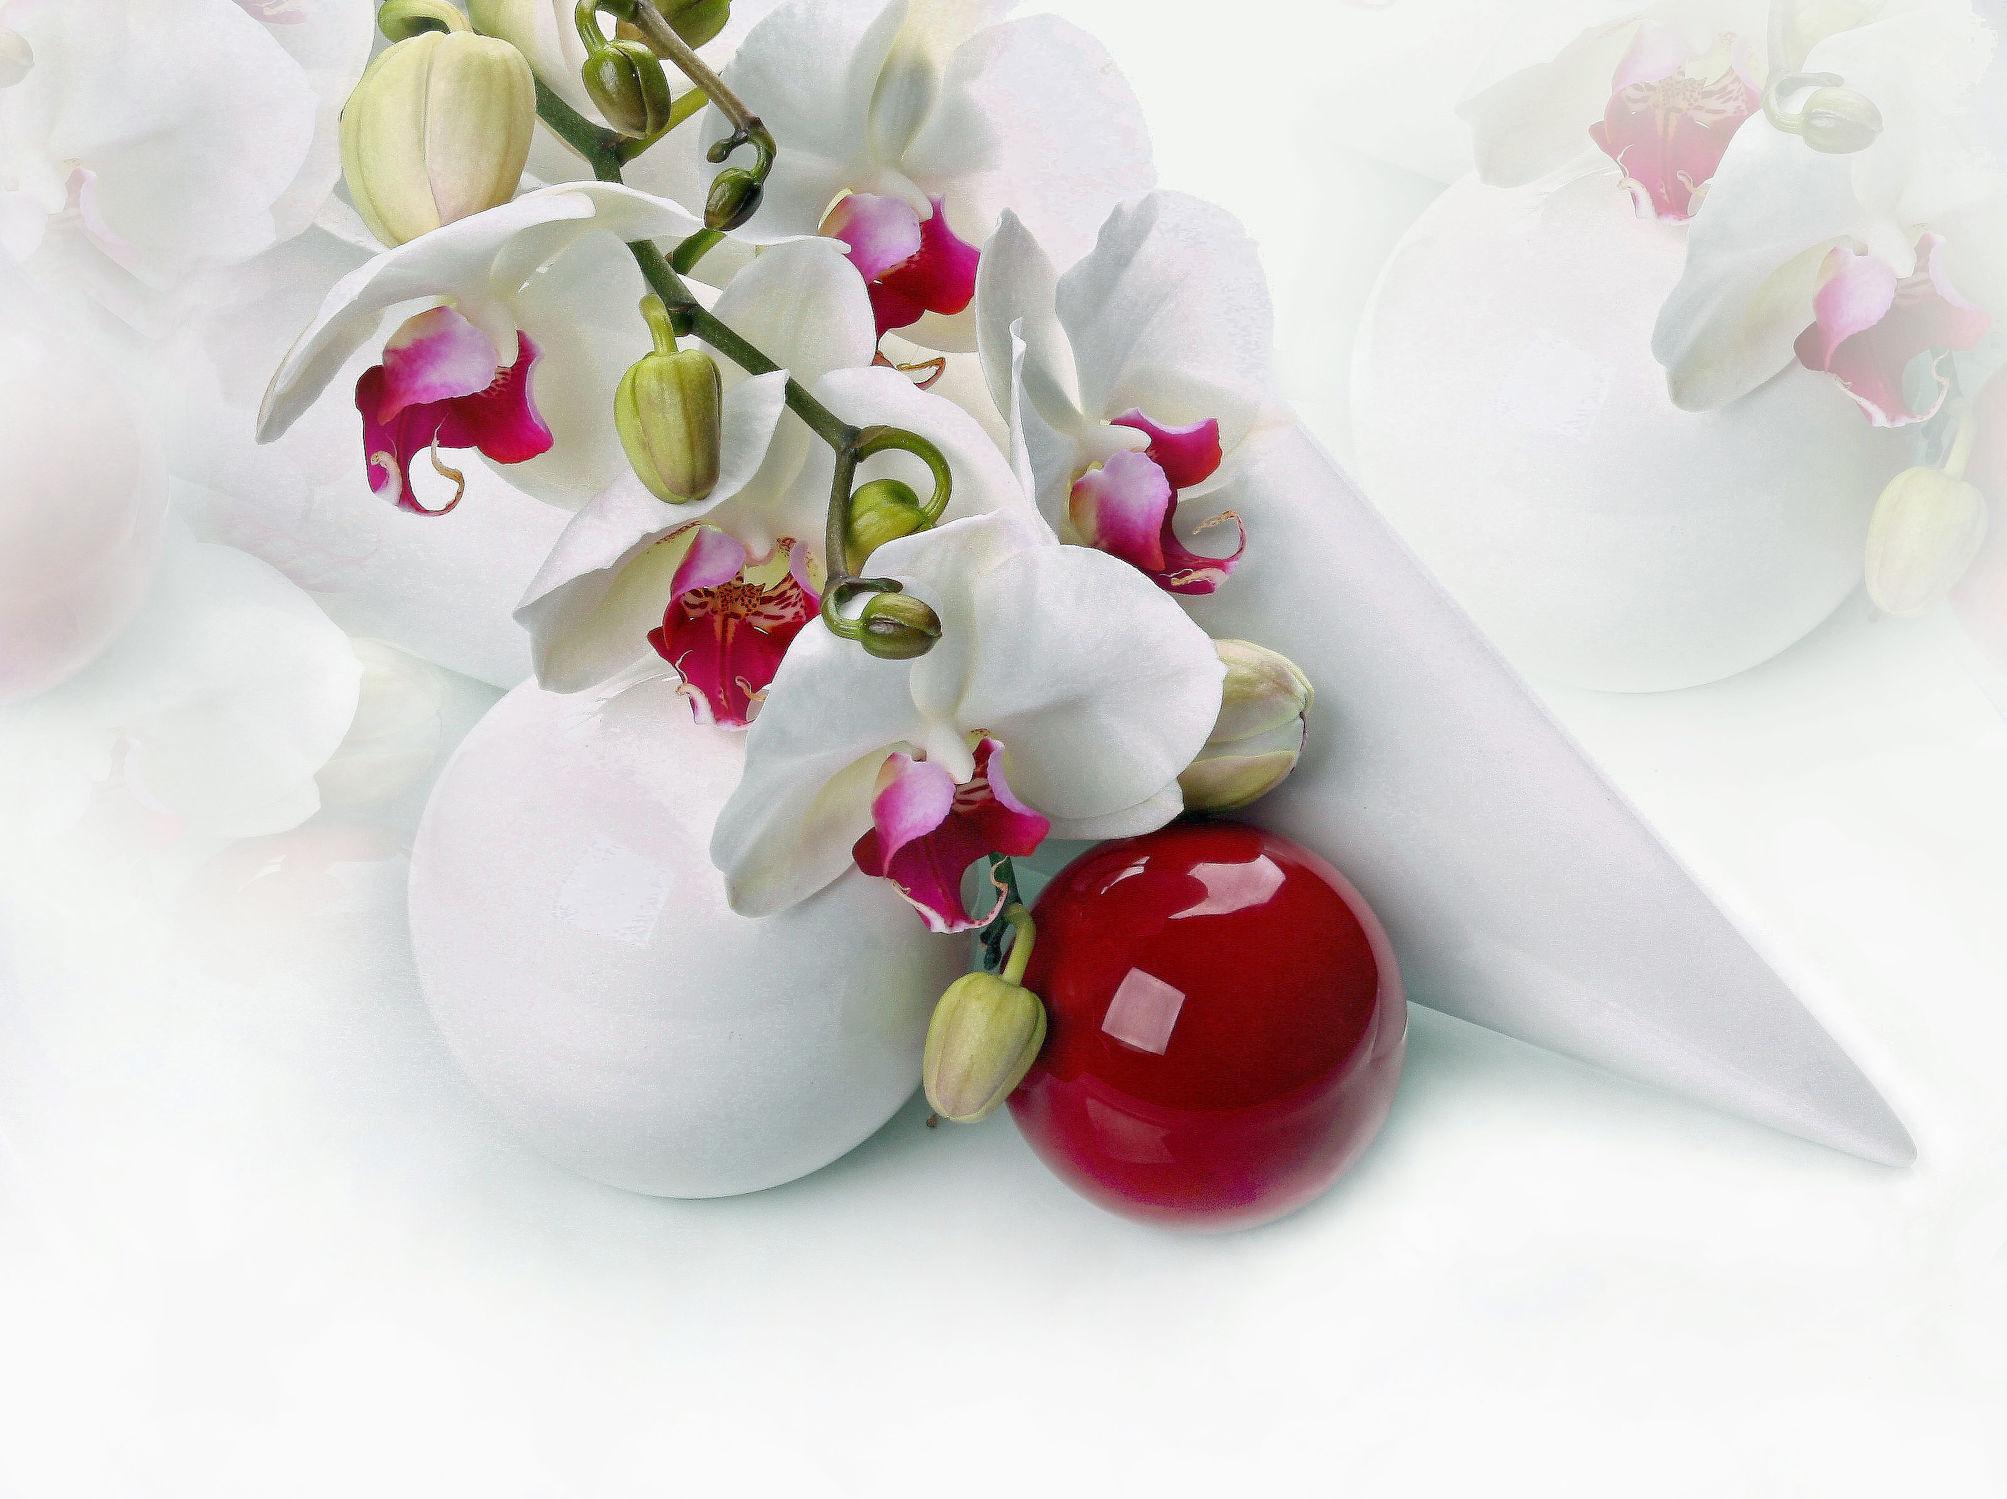 Bild mit Blumen, Orchideen, Blume, Orchidee, Floral, Blüten, Florales, blüte, romantisch, Kugel, soft